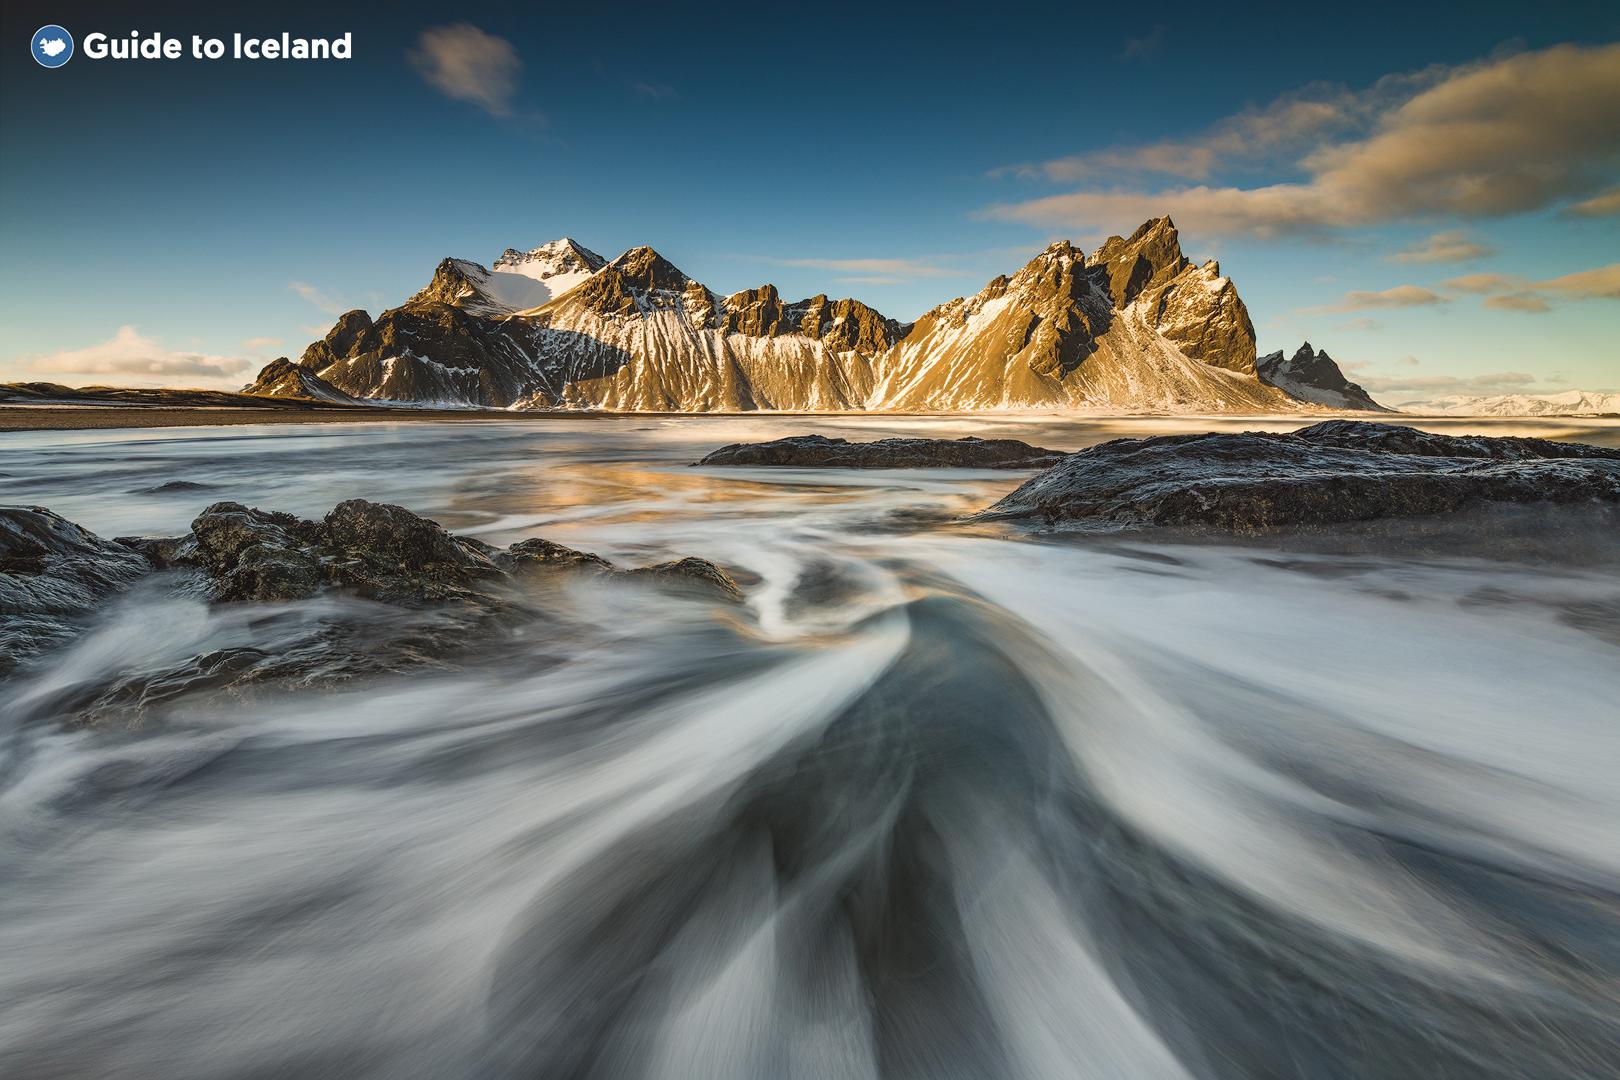 En el sudeste de Islandia hay una montaña de gabro llamada Vestrahorn.